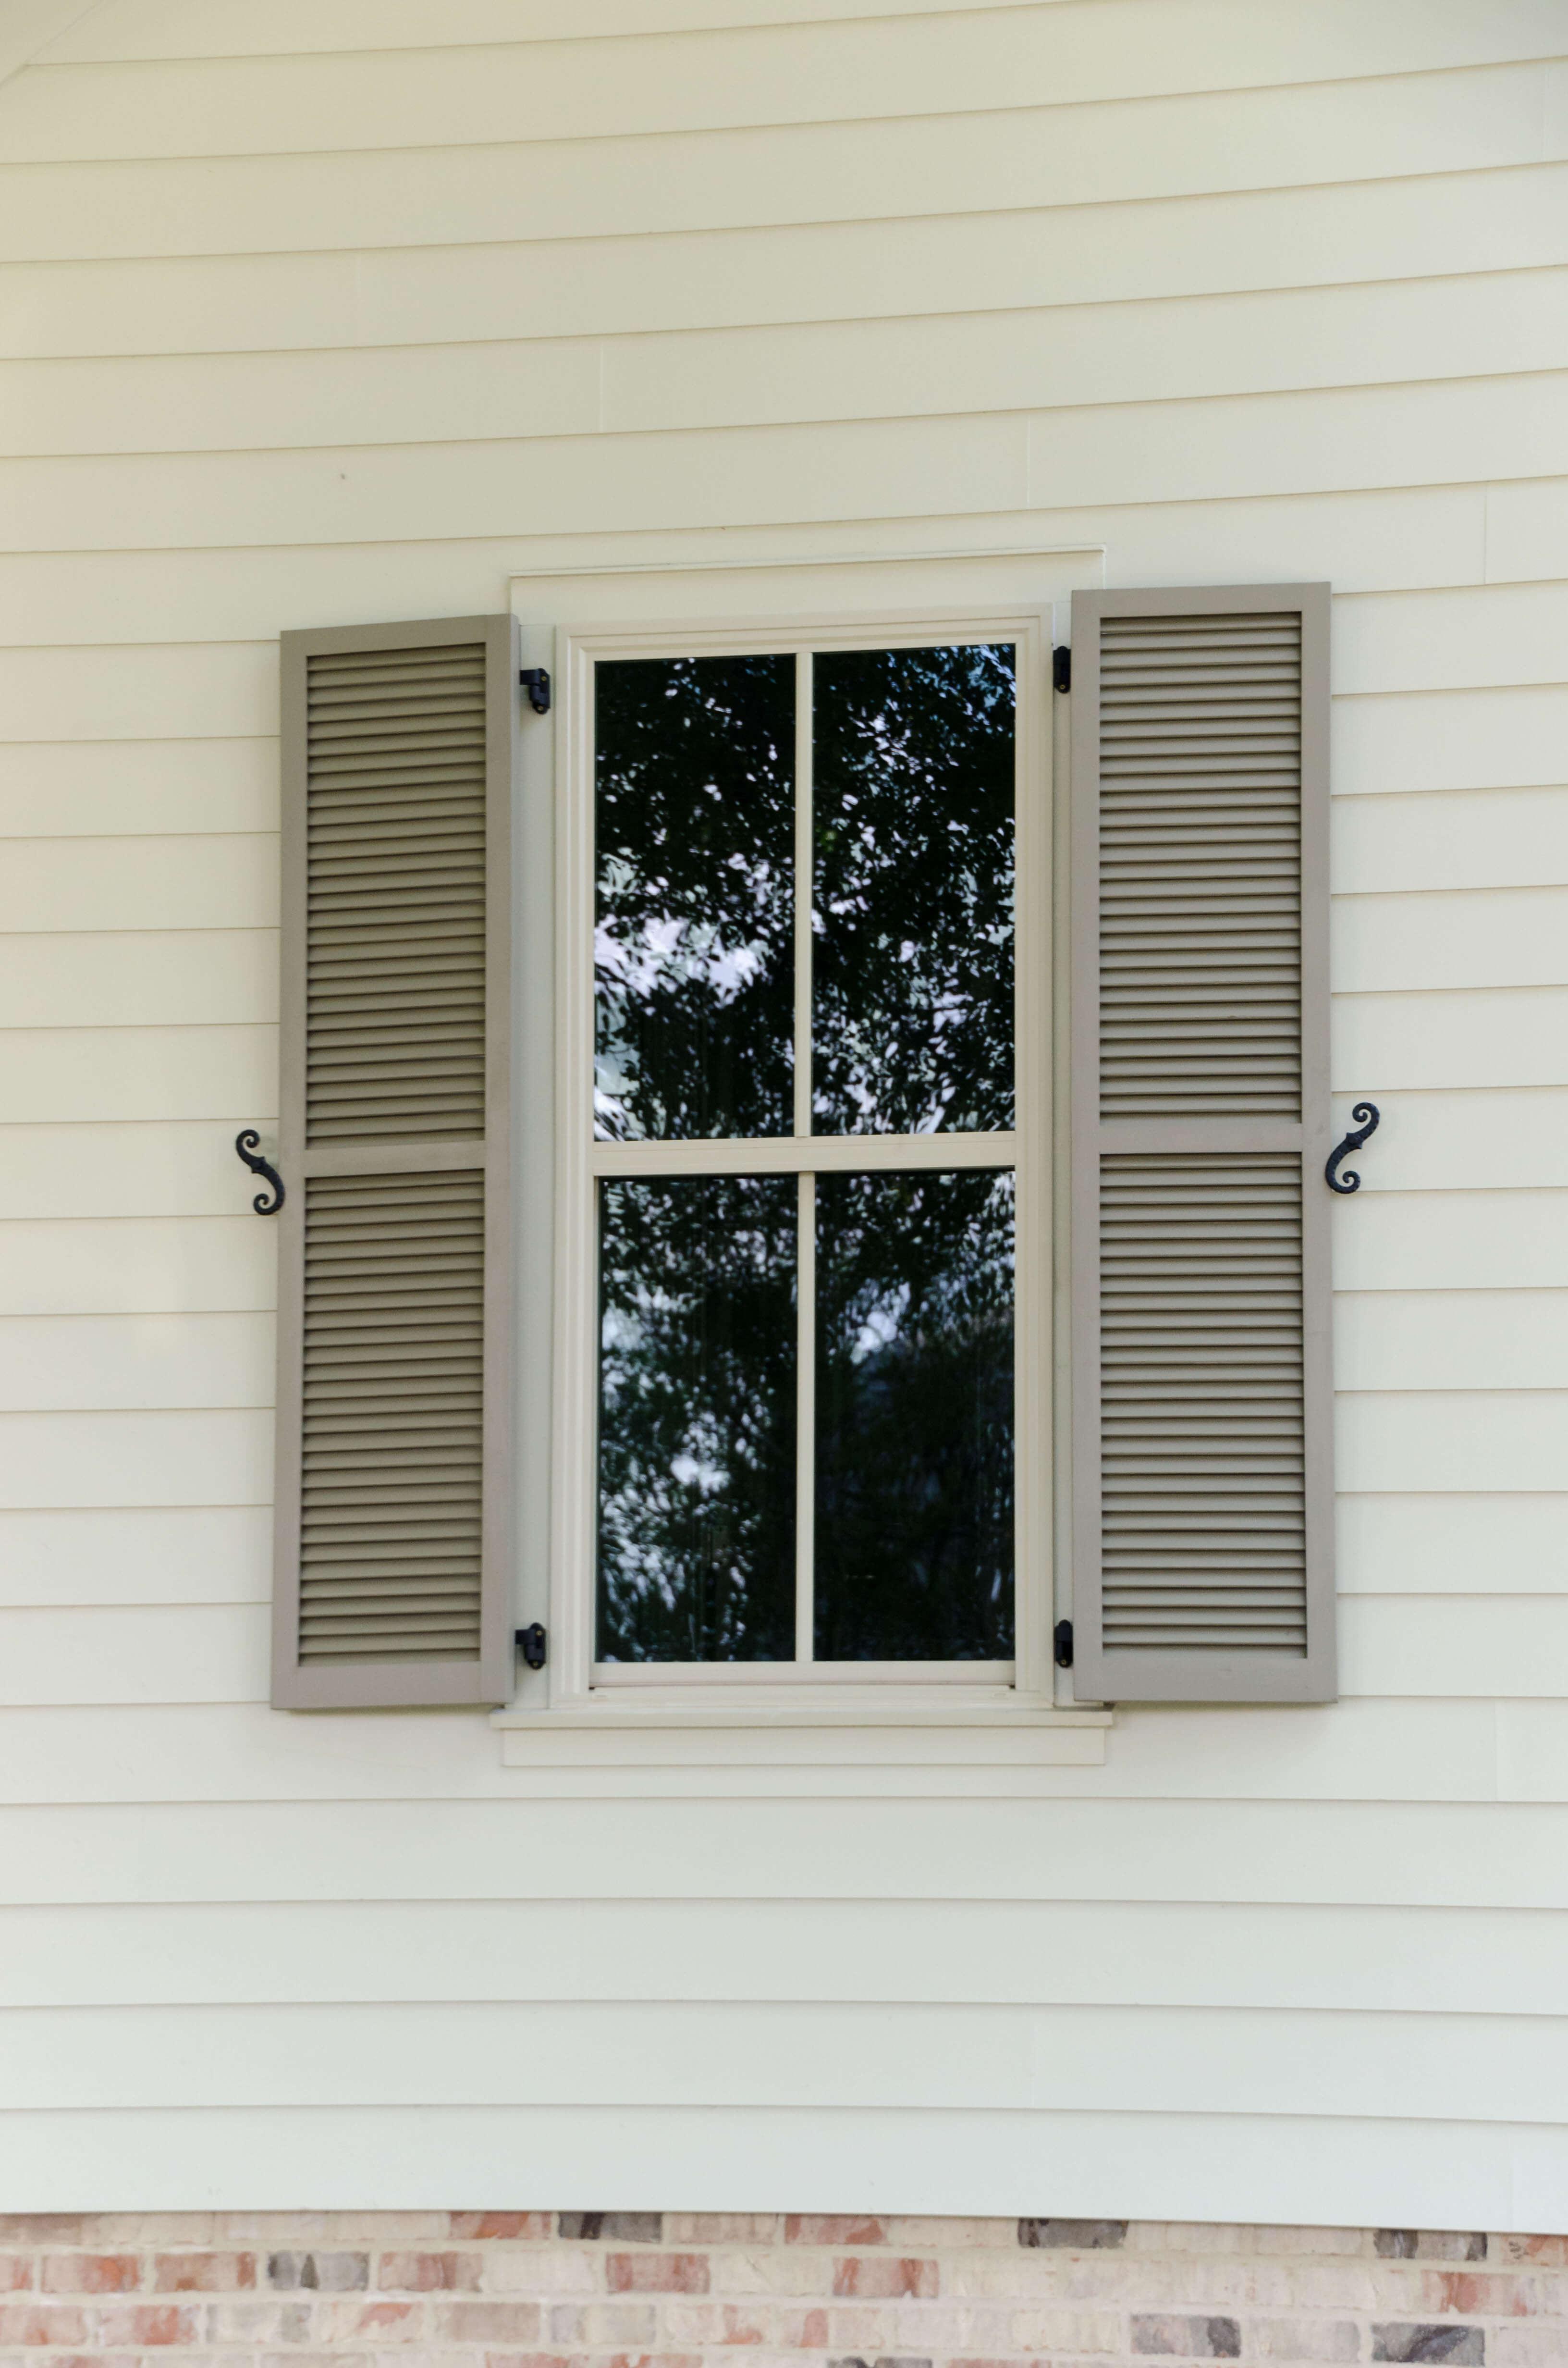 4928 #796252 Windows Vinyl Aluminum Wood Clad Windows Jefferson Door picture/photo Metal Clad Exterior Doors 41093264